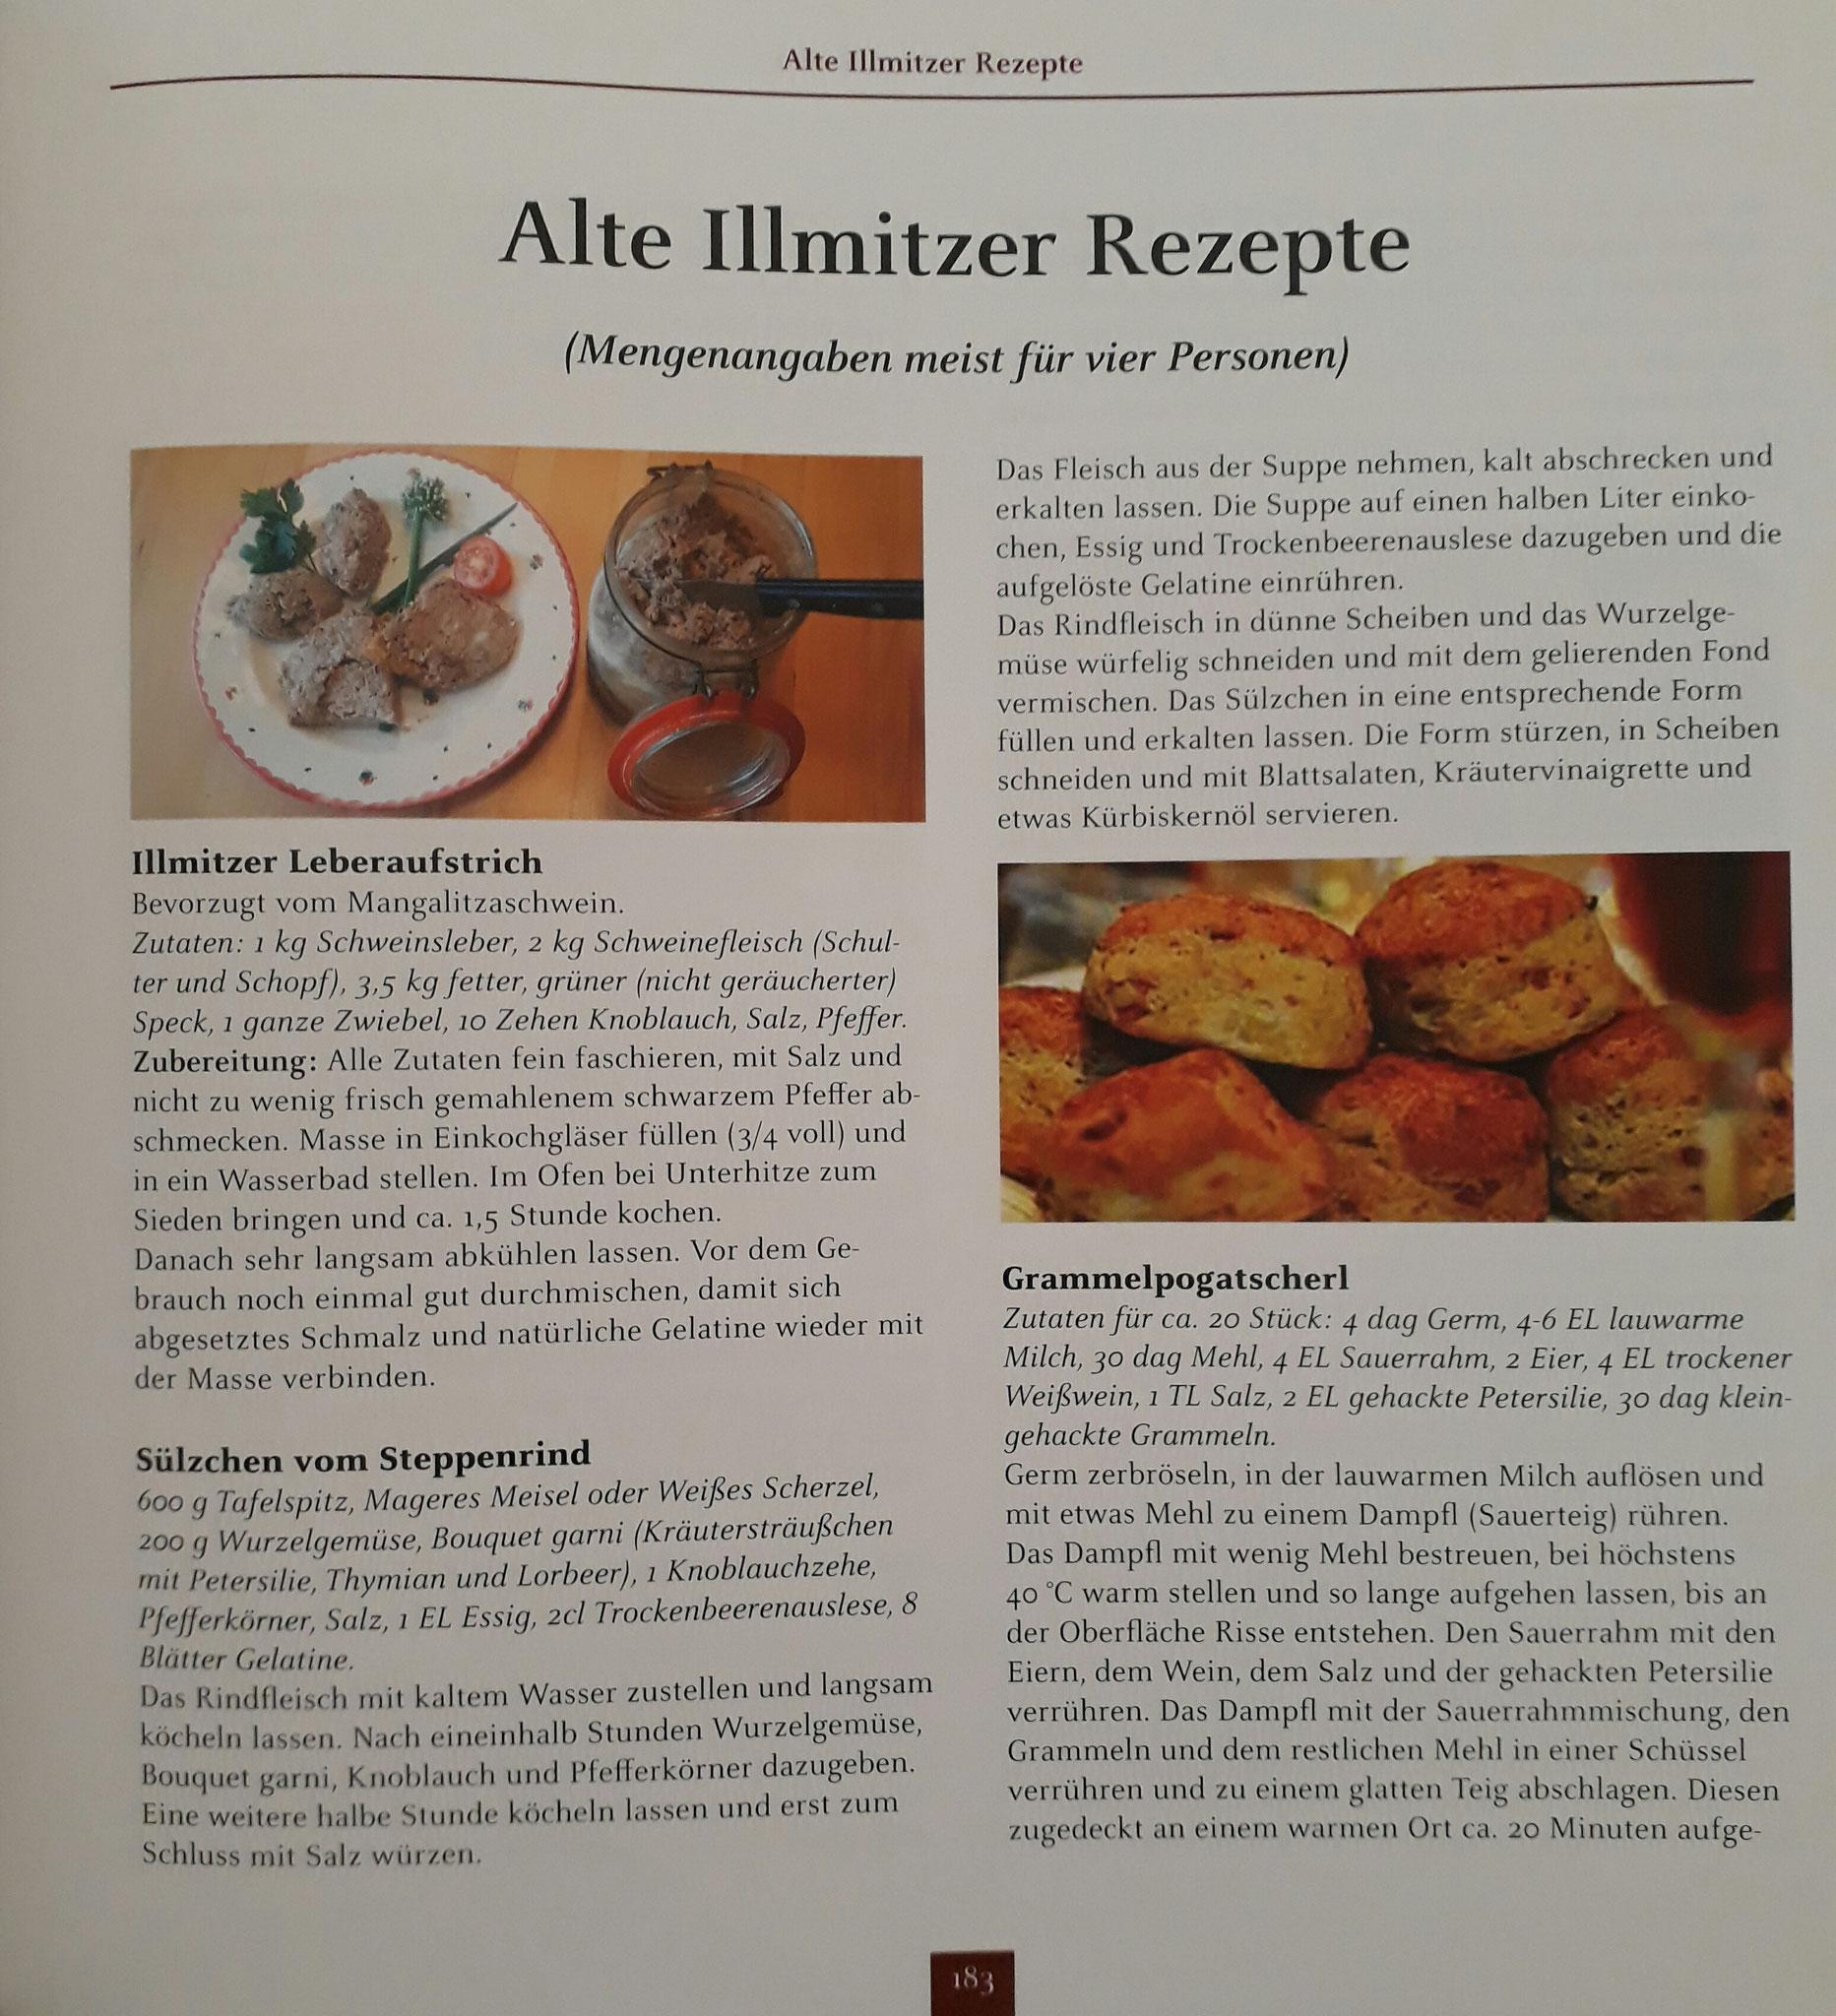 Illmitzer Rezepte